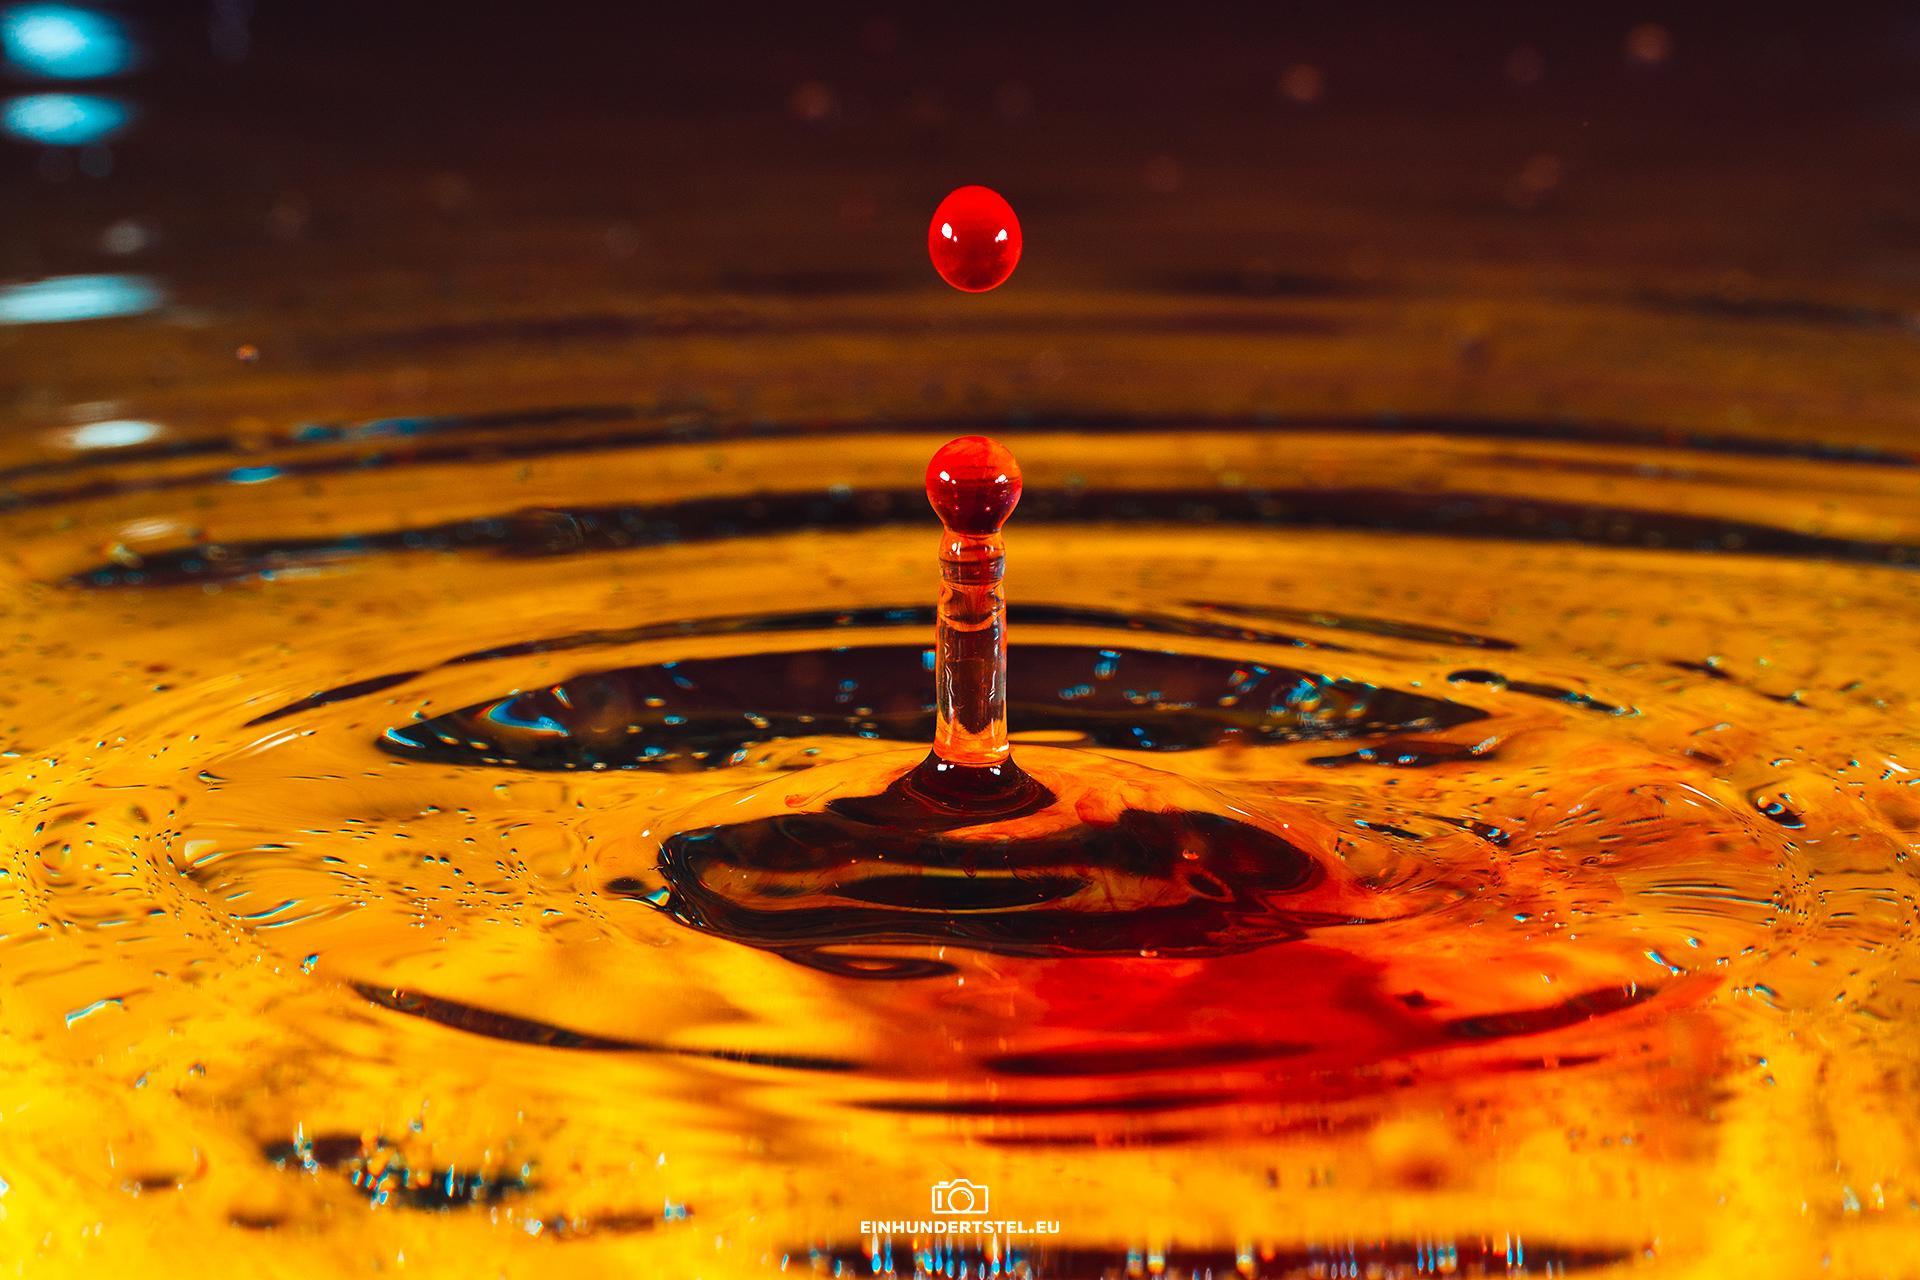 Roter Wasserspritzer in goldenem Wasser.